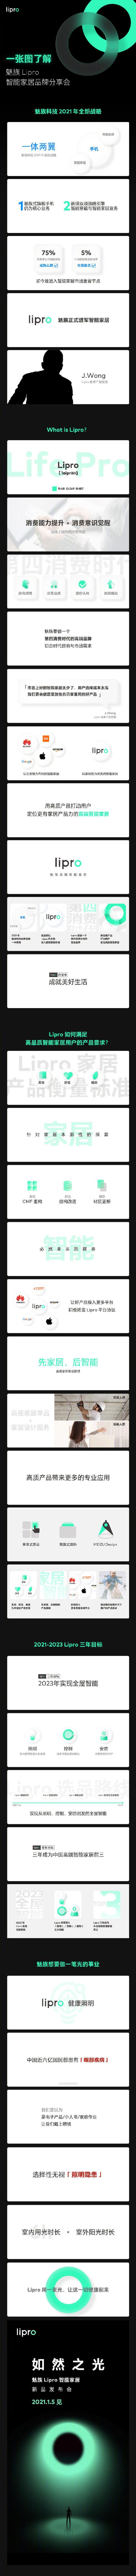 一张图了解魅族Lipro智能家居:黄章任首席产品经理